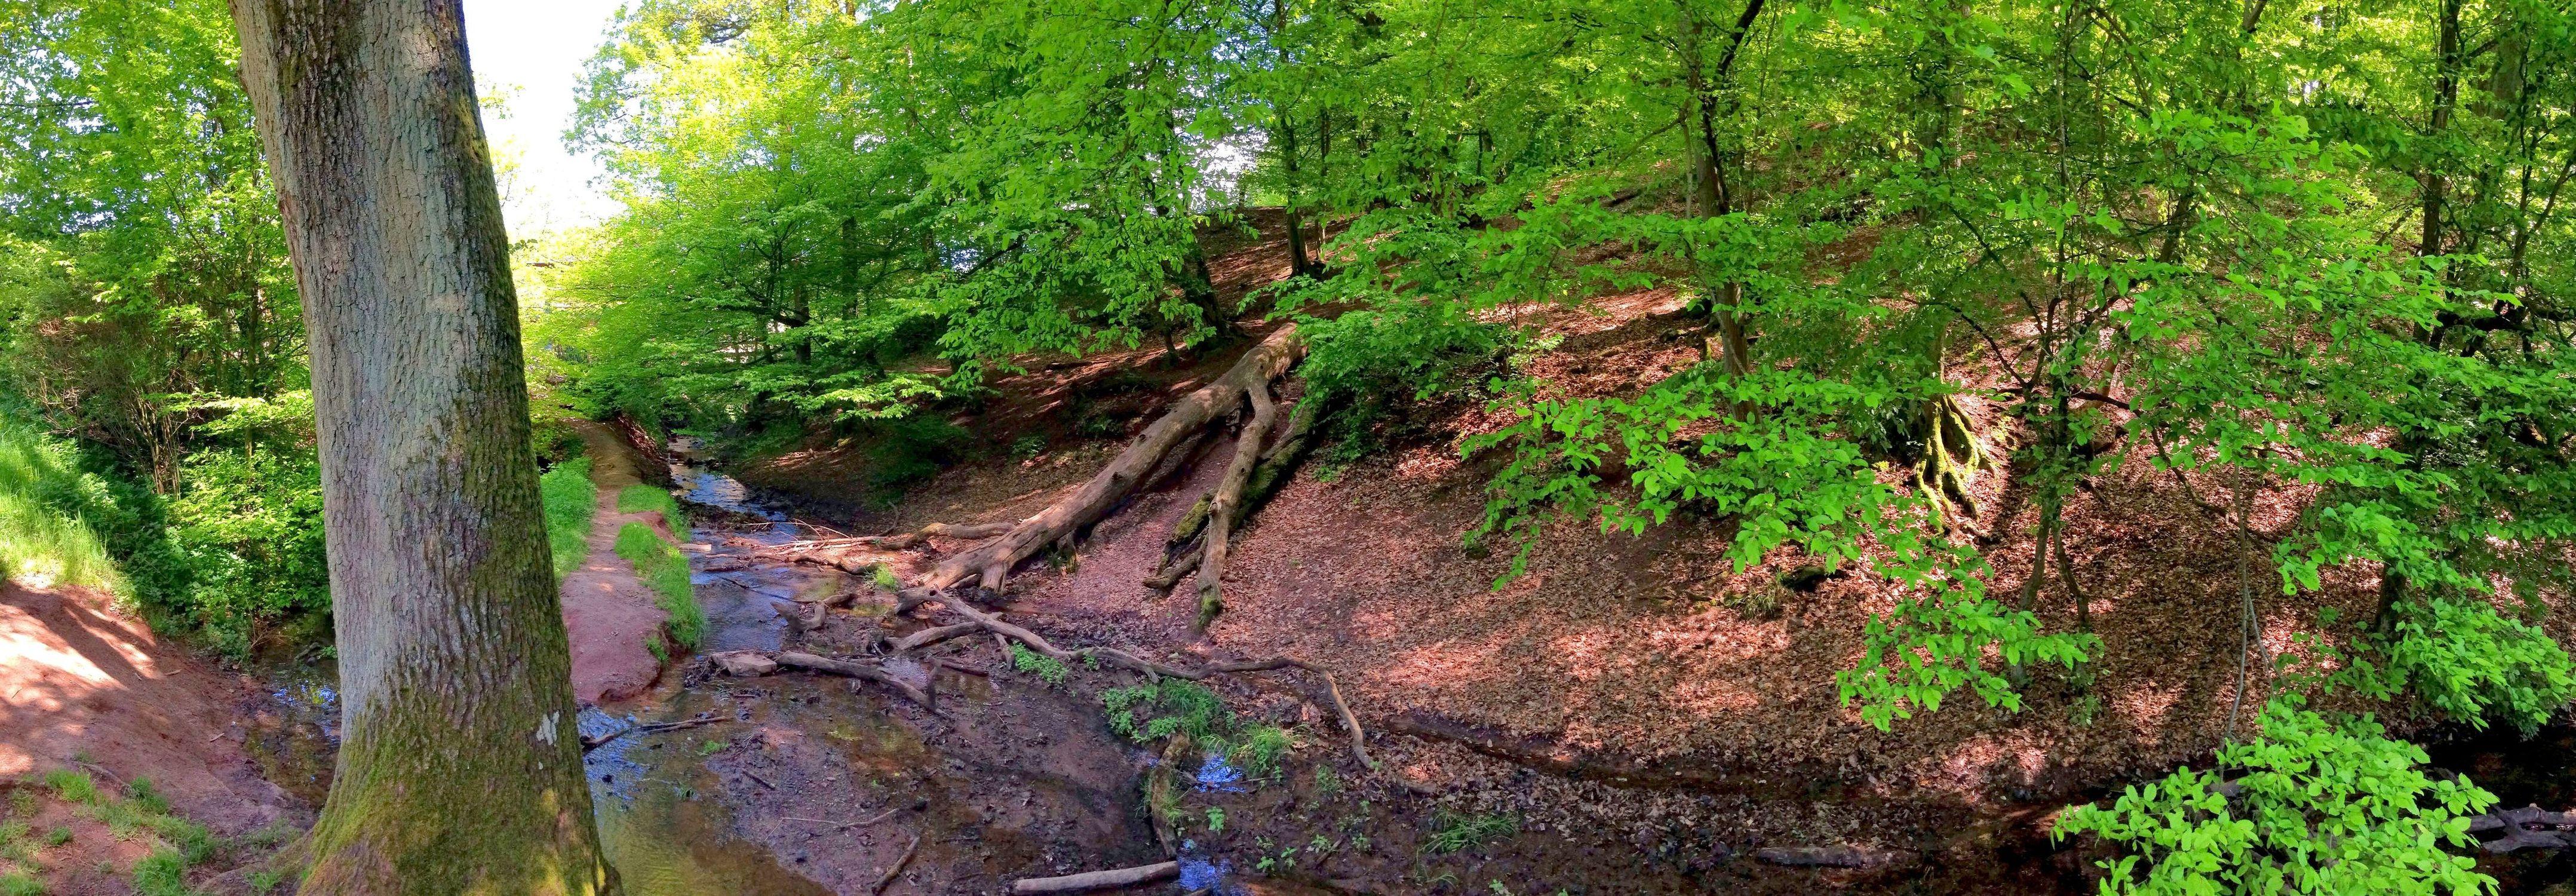 Bild mit Natur, Pflanzen, Landschaften, Bäume, Gewässer, Wälder, Flüsse, Felsen, Orte, Parks, Nationalparks